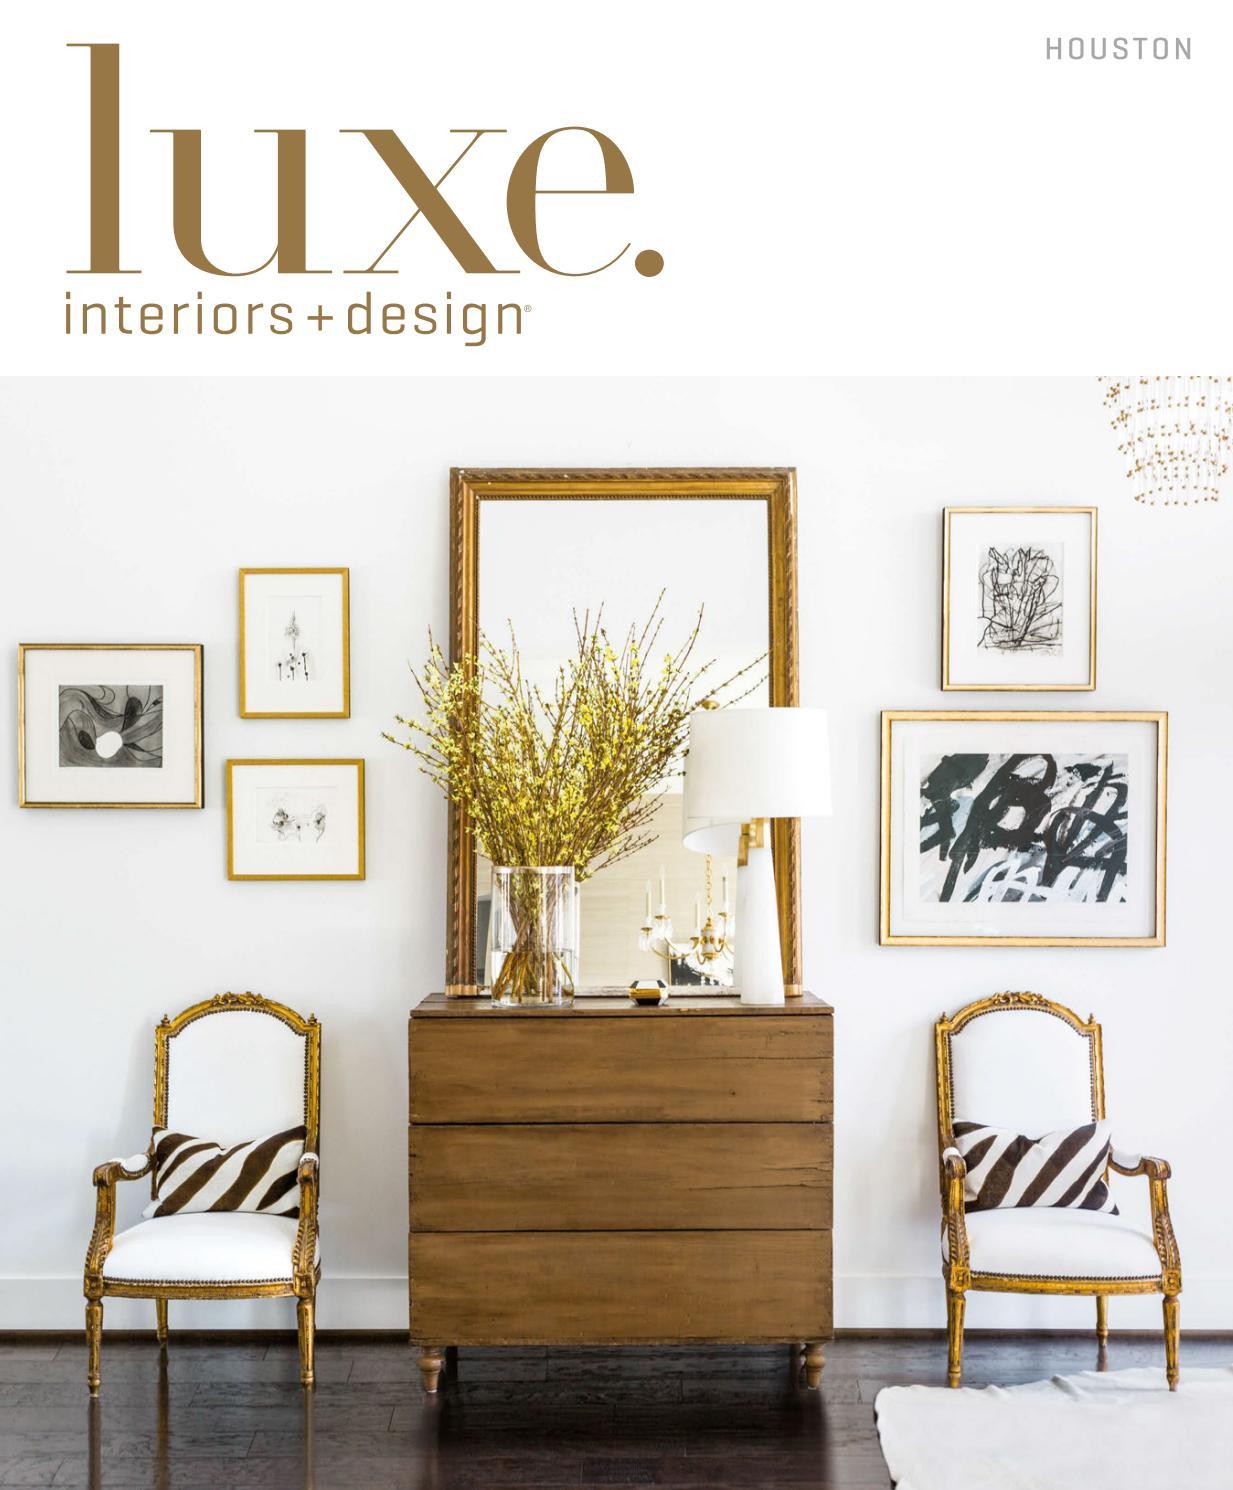 Luxe magazine march 2017 houston by sandow issuu - Houston interior design magazine ...